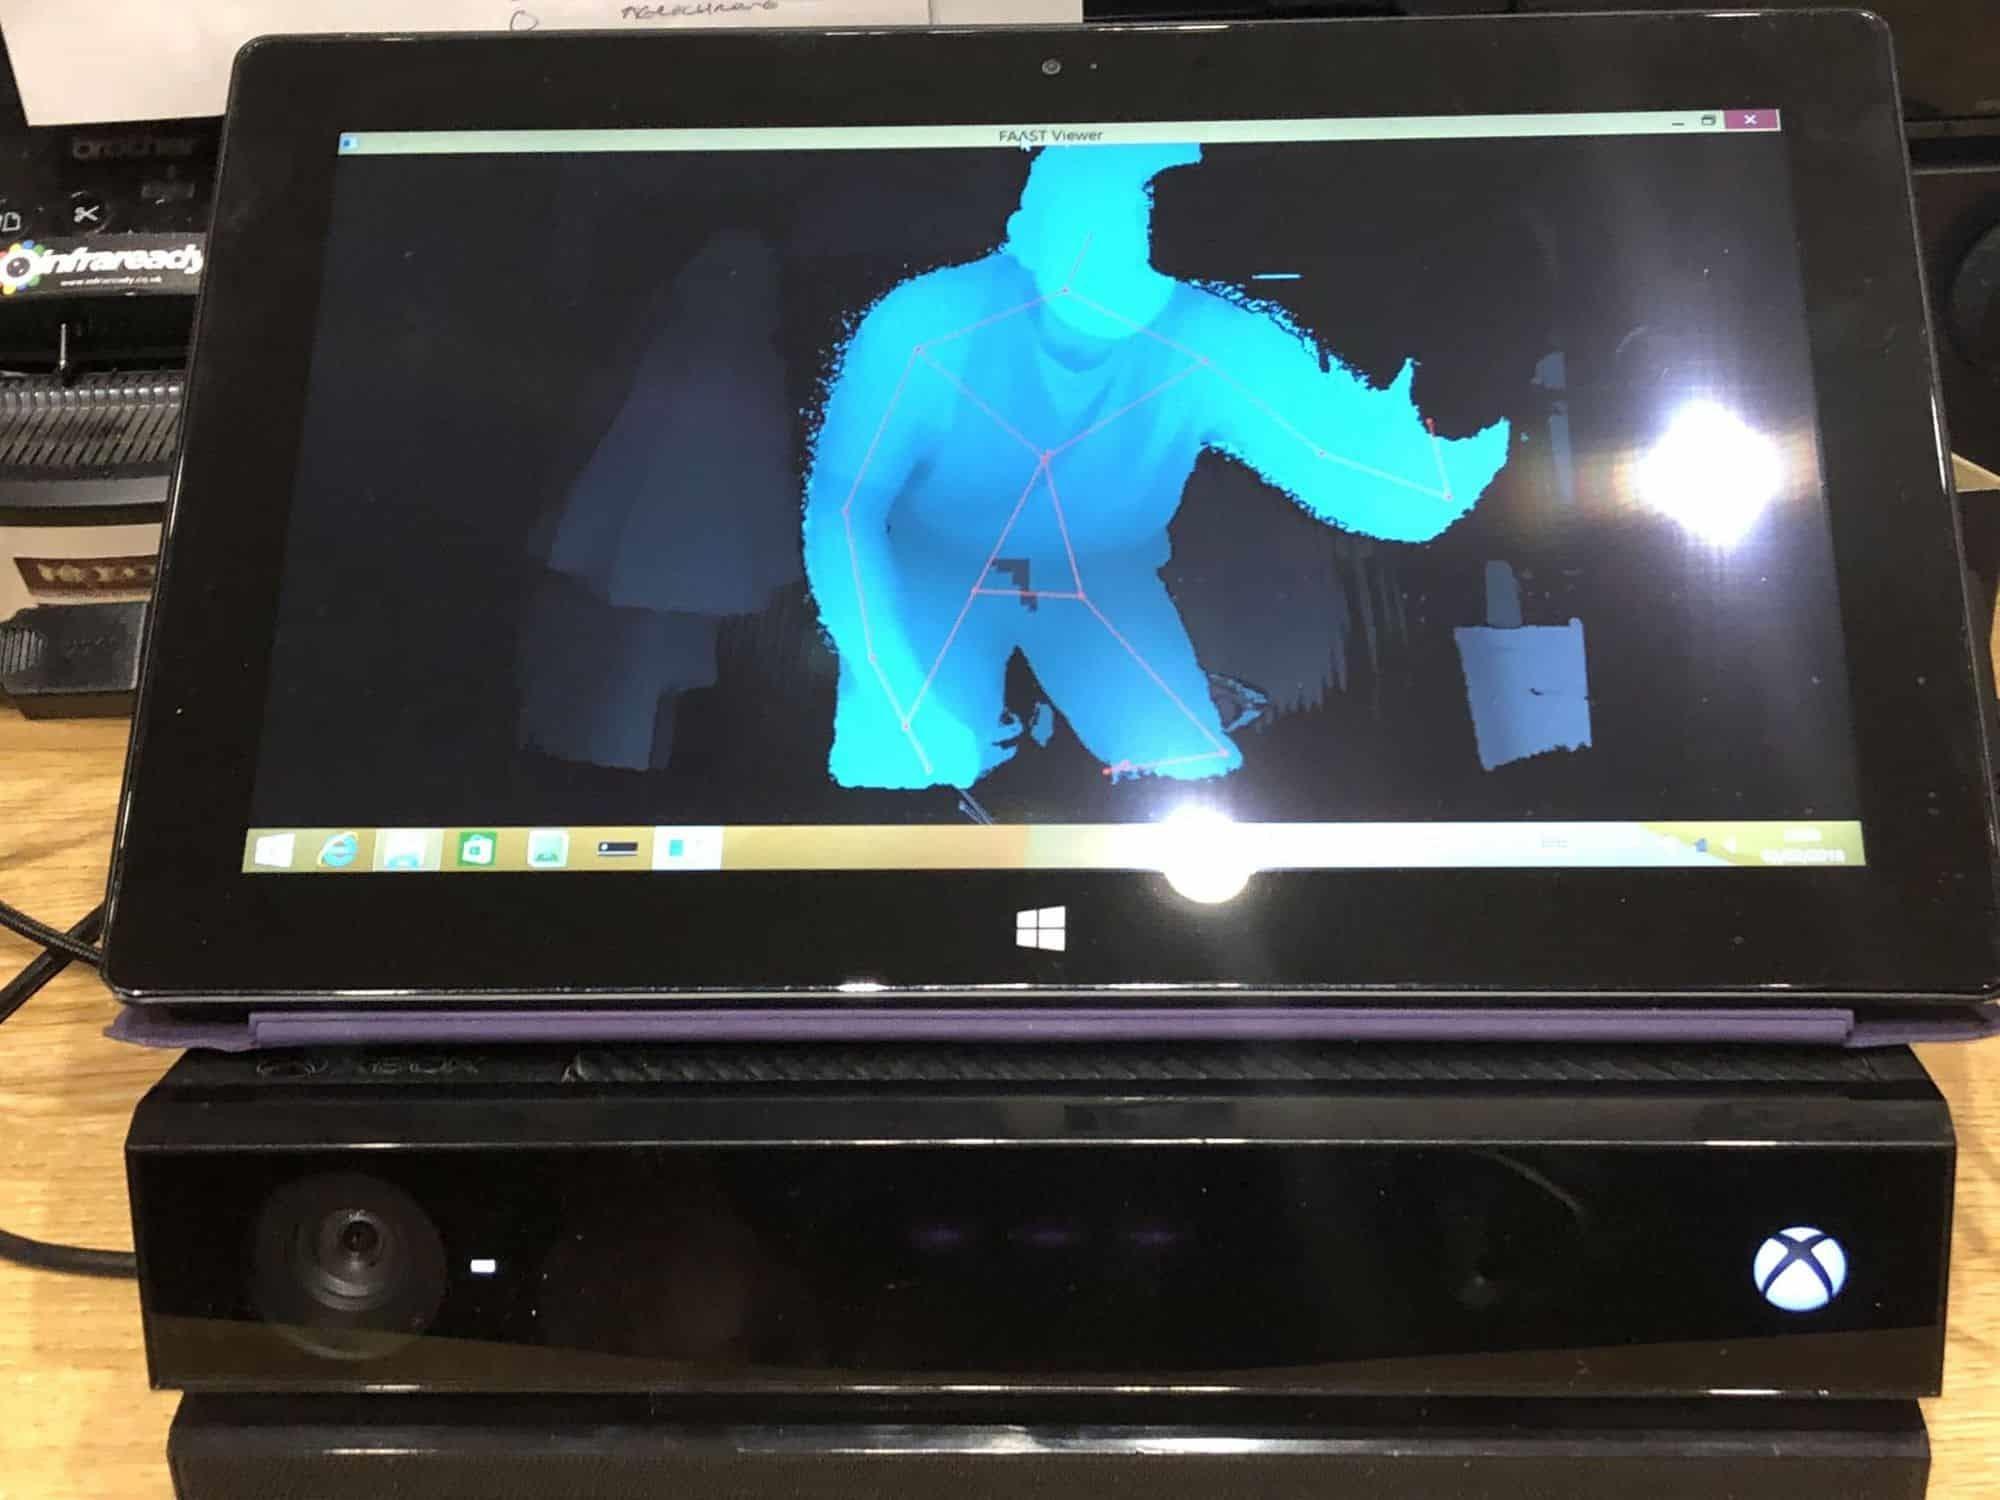 FAAST V2 Kinect SLS 64 bit